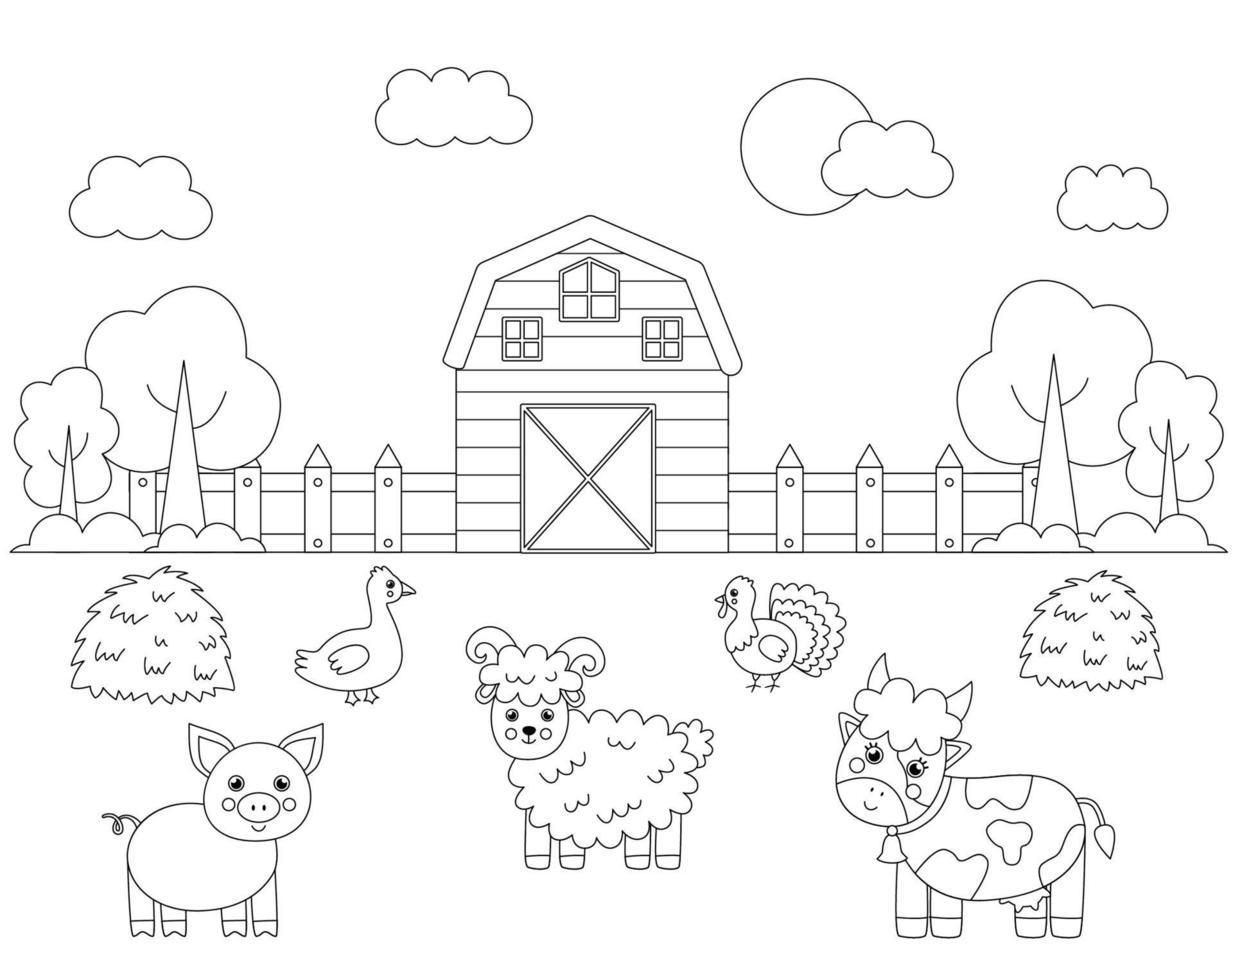 kleur boerderijdieren in veld. kleurplaat voor kinderen. vector